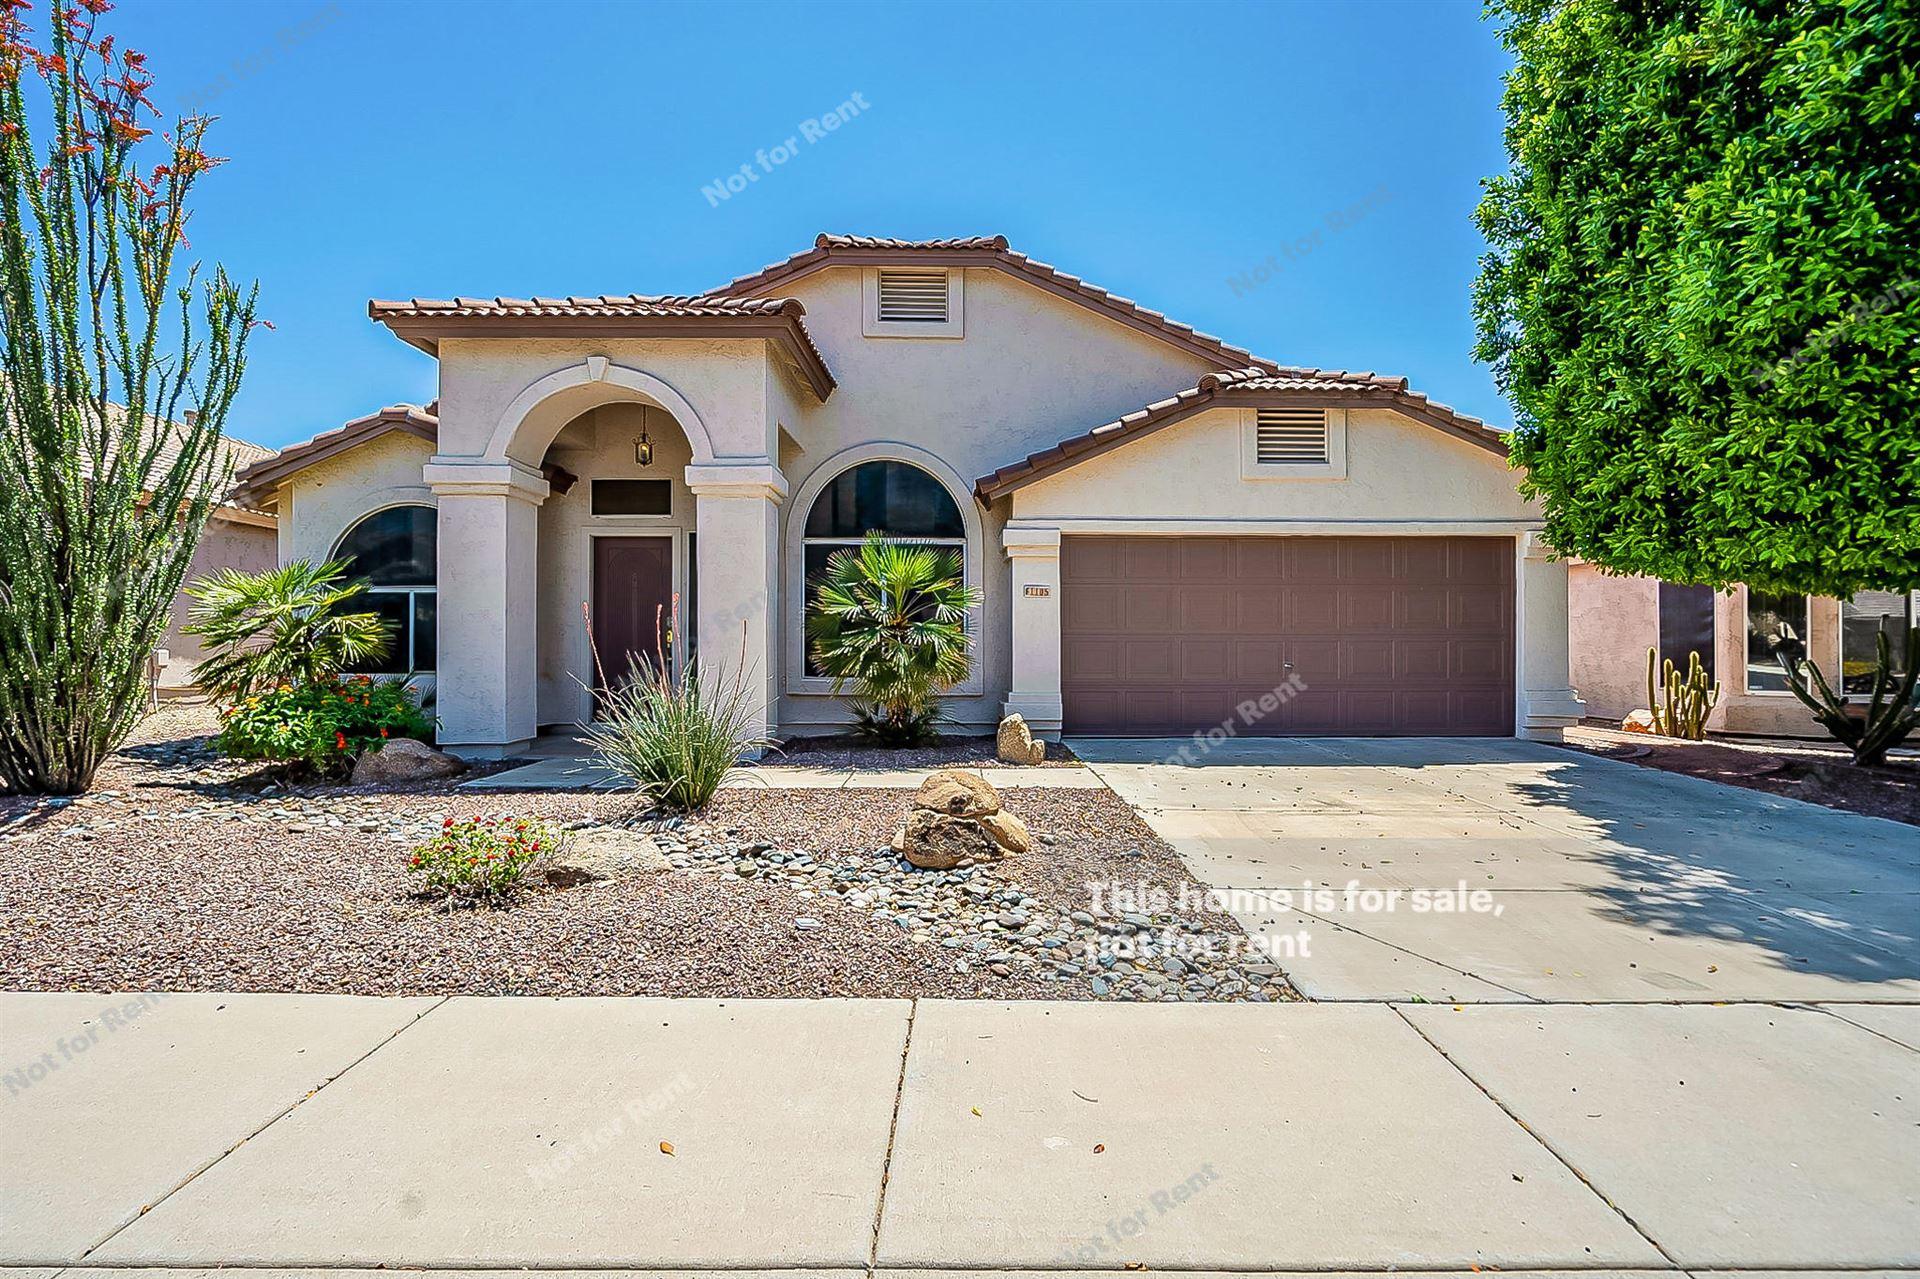 1105 E MONTOYA Lane, Phoenix, AZ 85024 - MLS#: 6226672